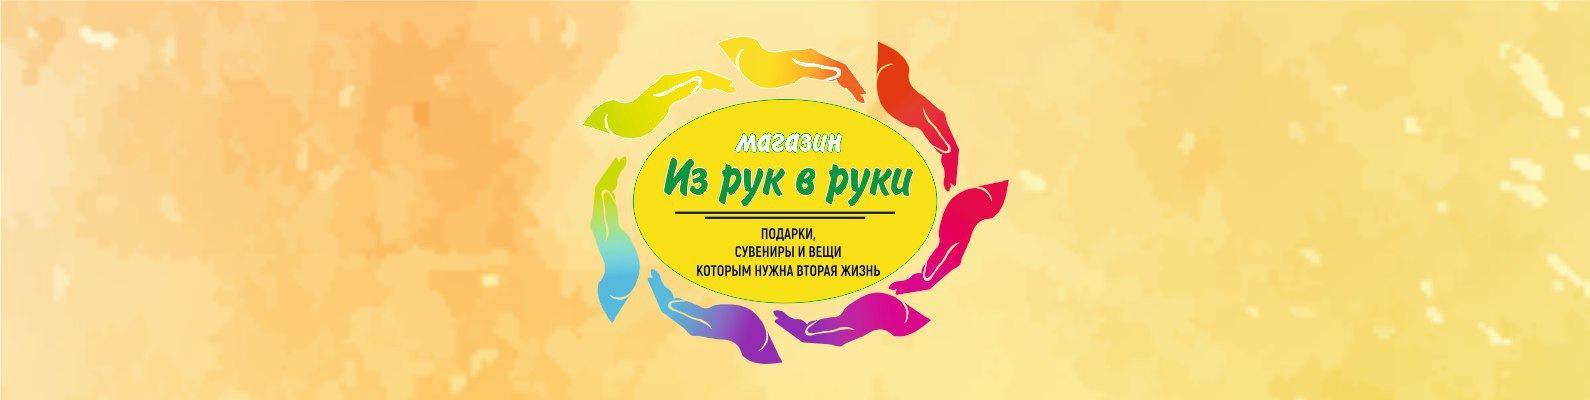 Воздушные шары в Киеве - z